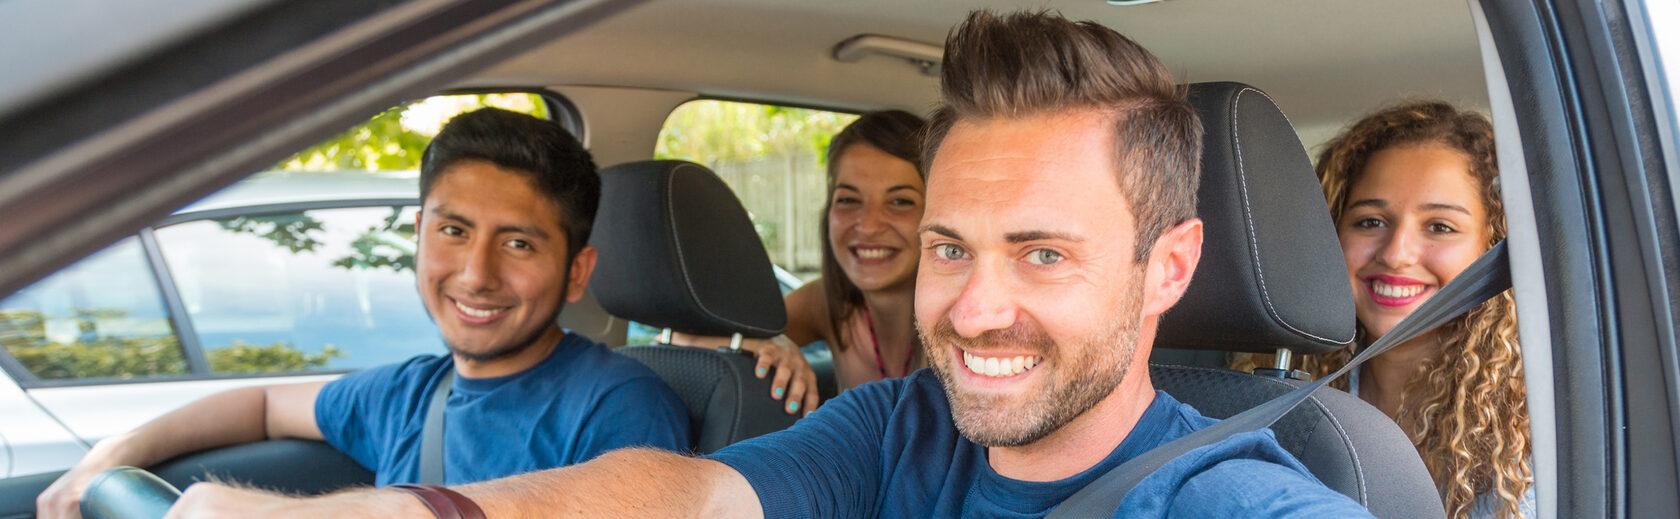 водитель и пассажиры